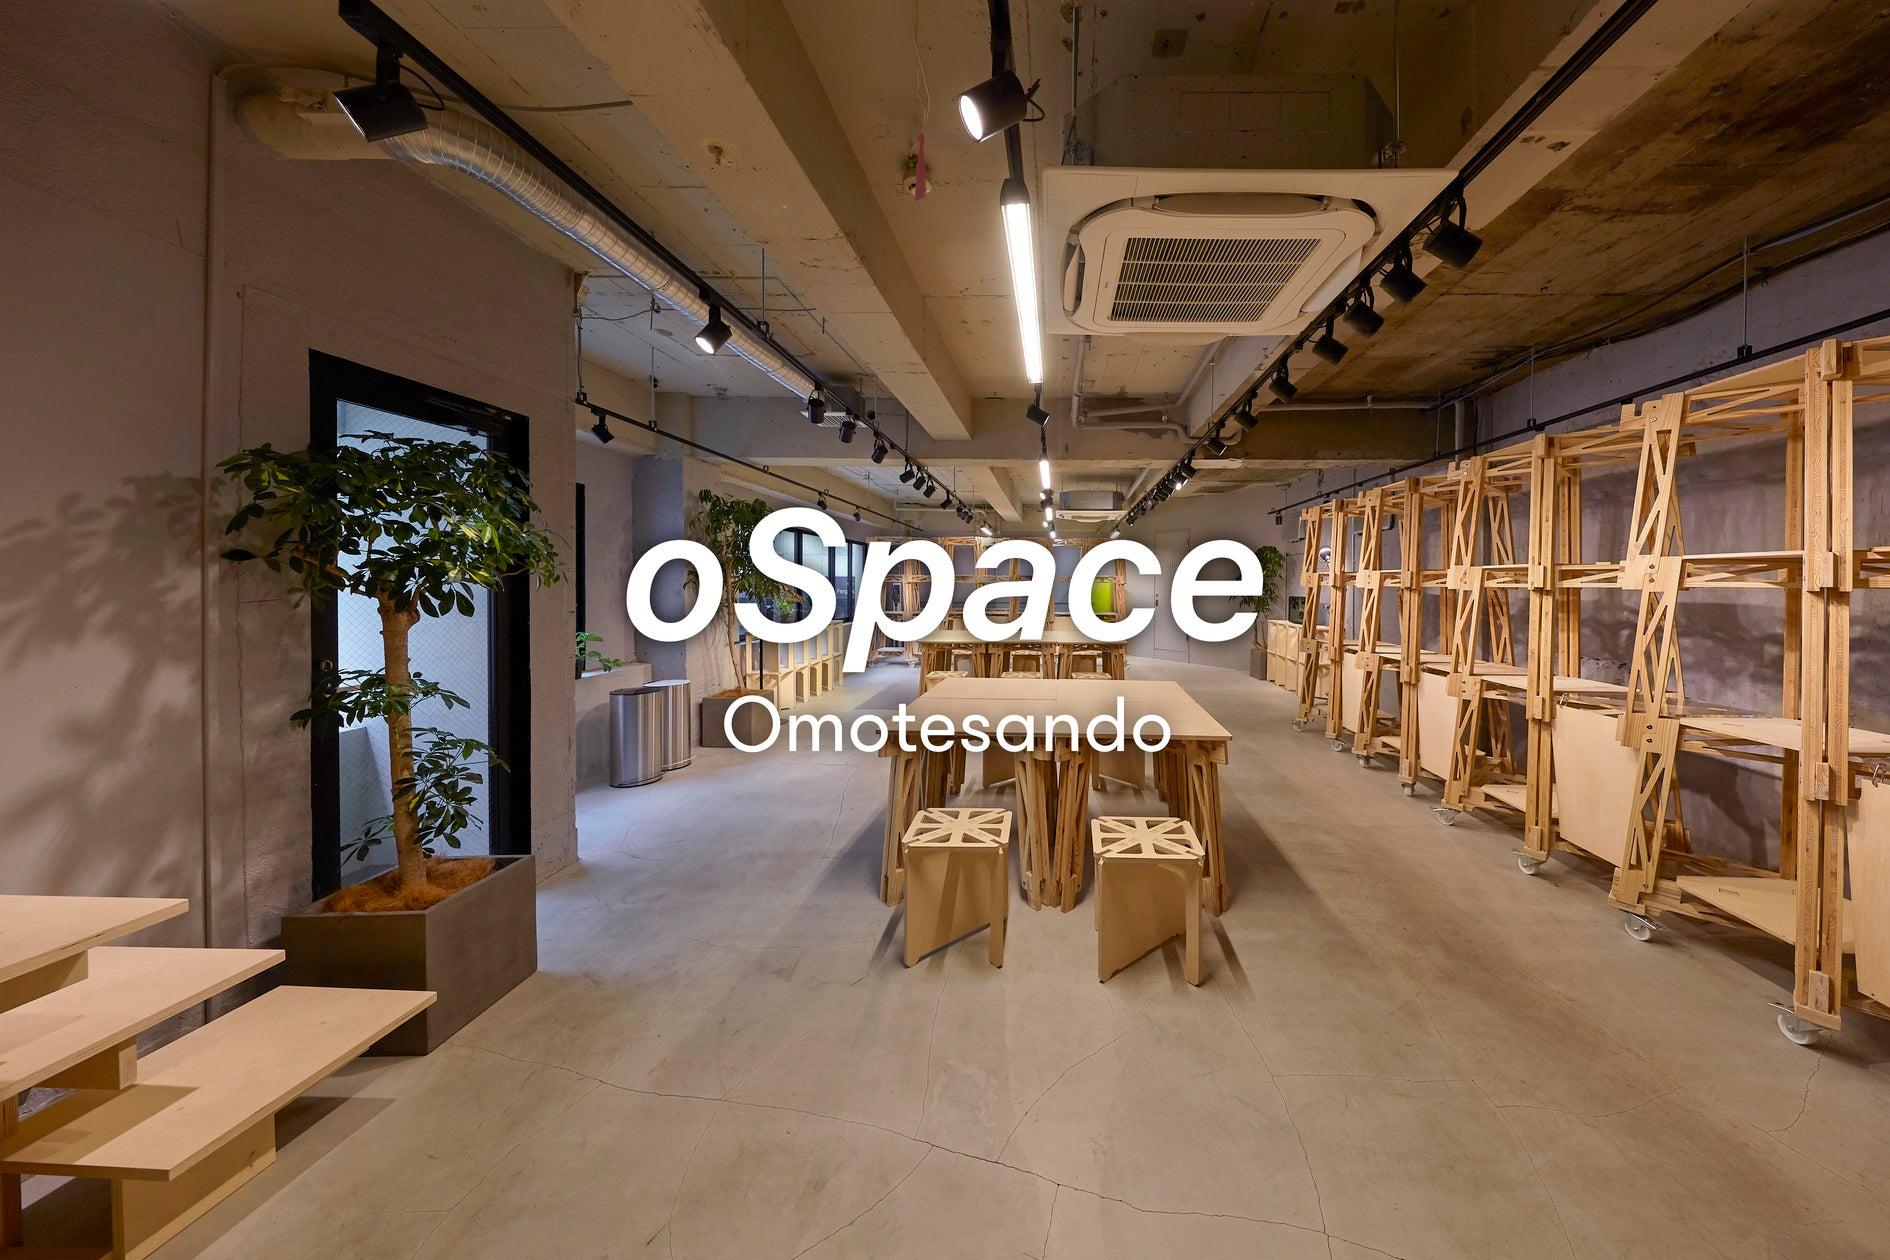 oSpace 表参道駅から徒歩3分!デザイナー監修のスペース!会議、経営合宿、POPUP、パーティーなどにもご利用いただけます!(oSpace) の写真0